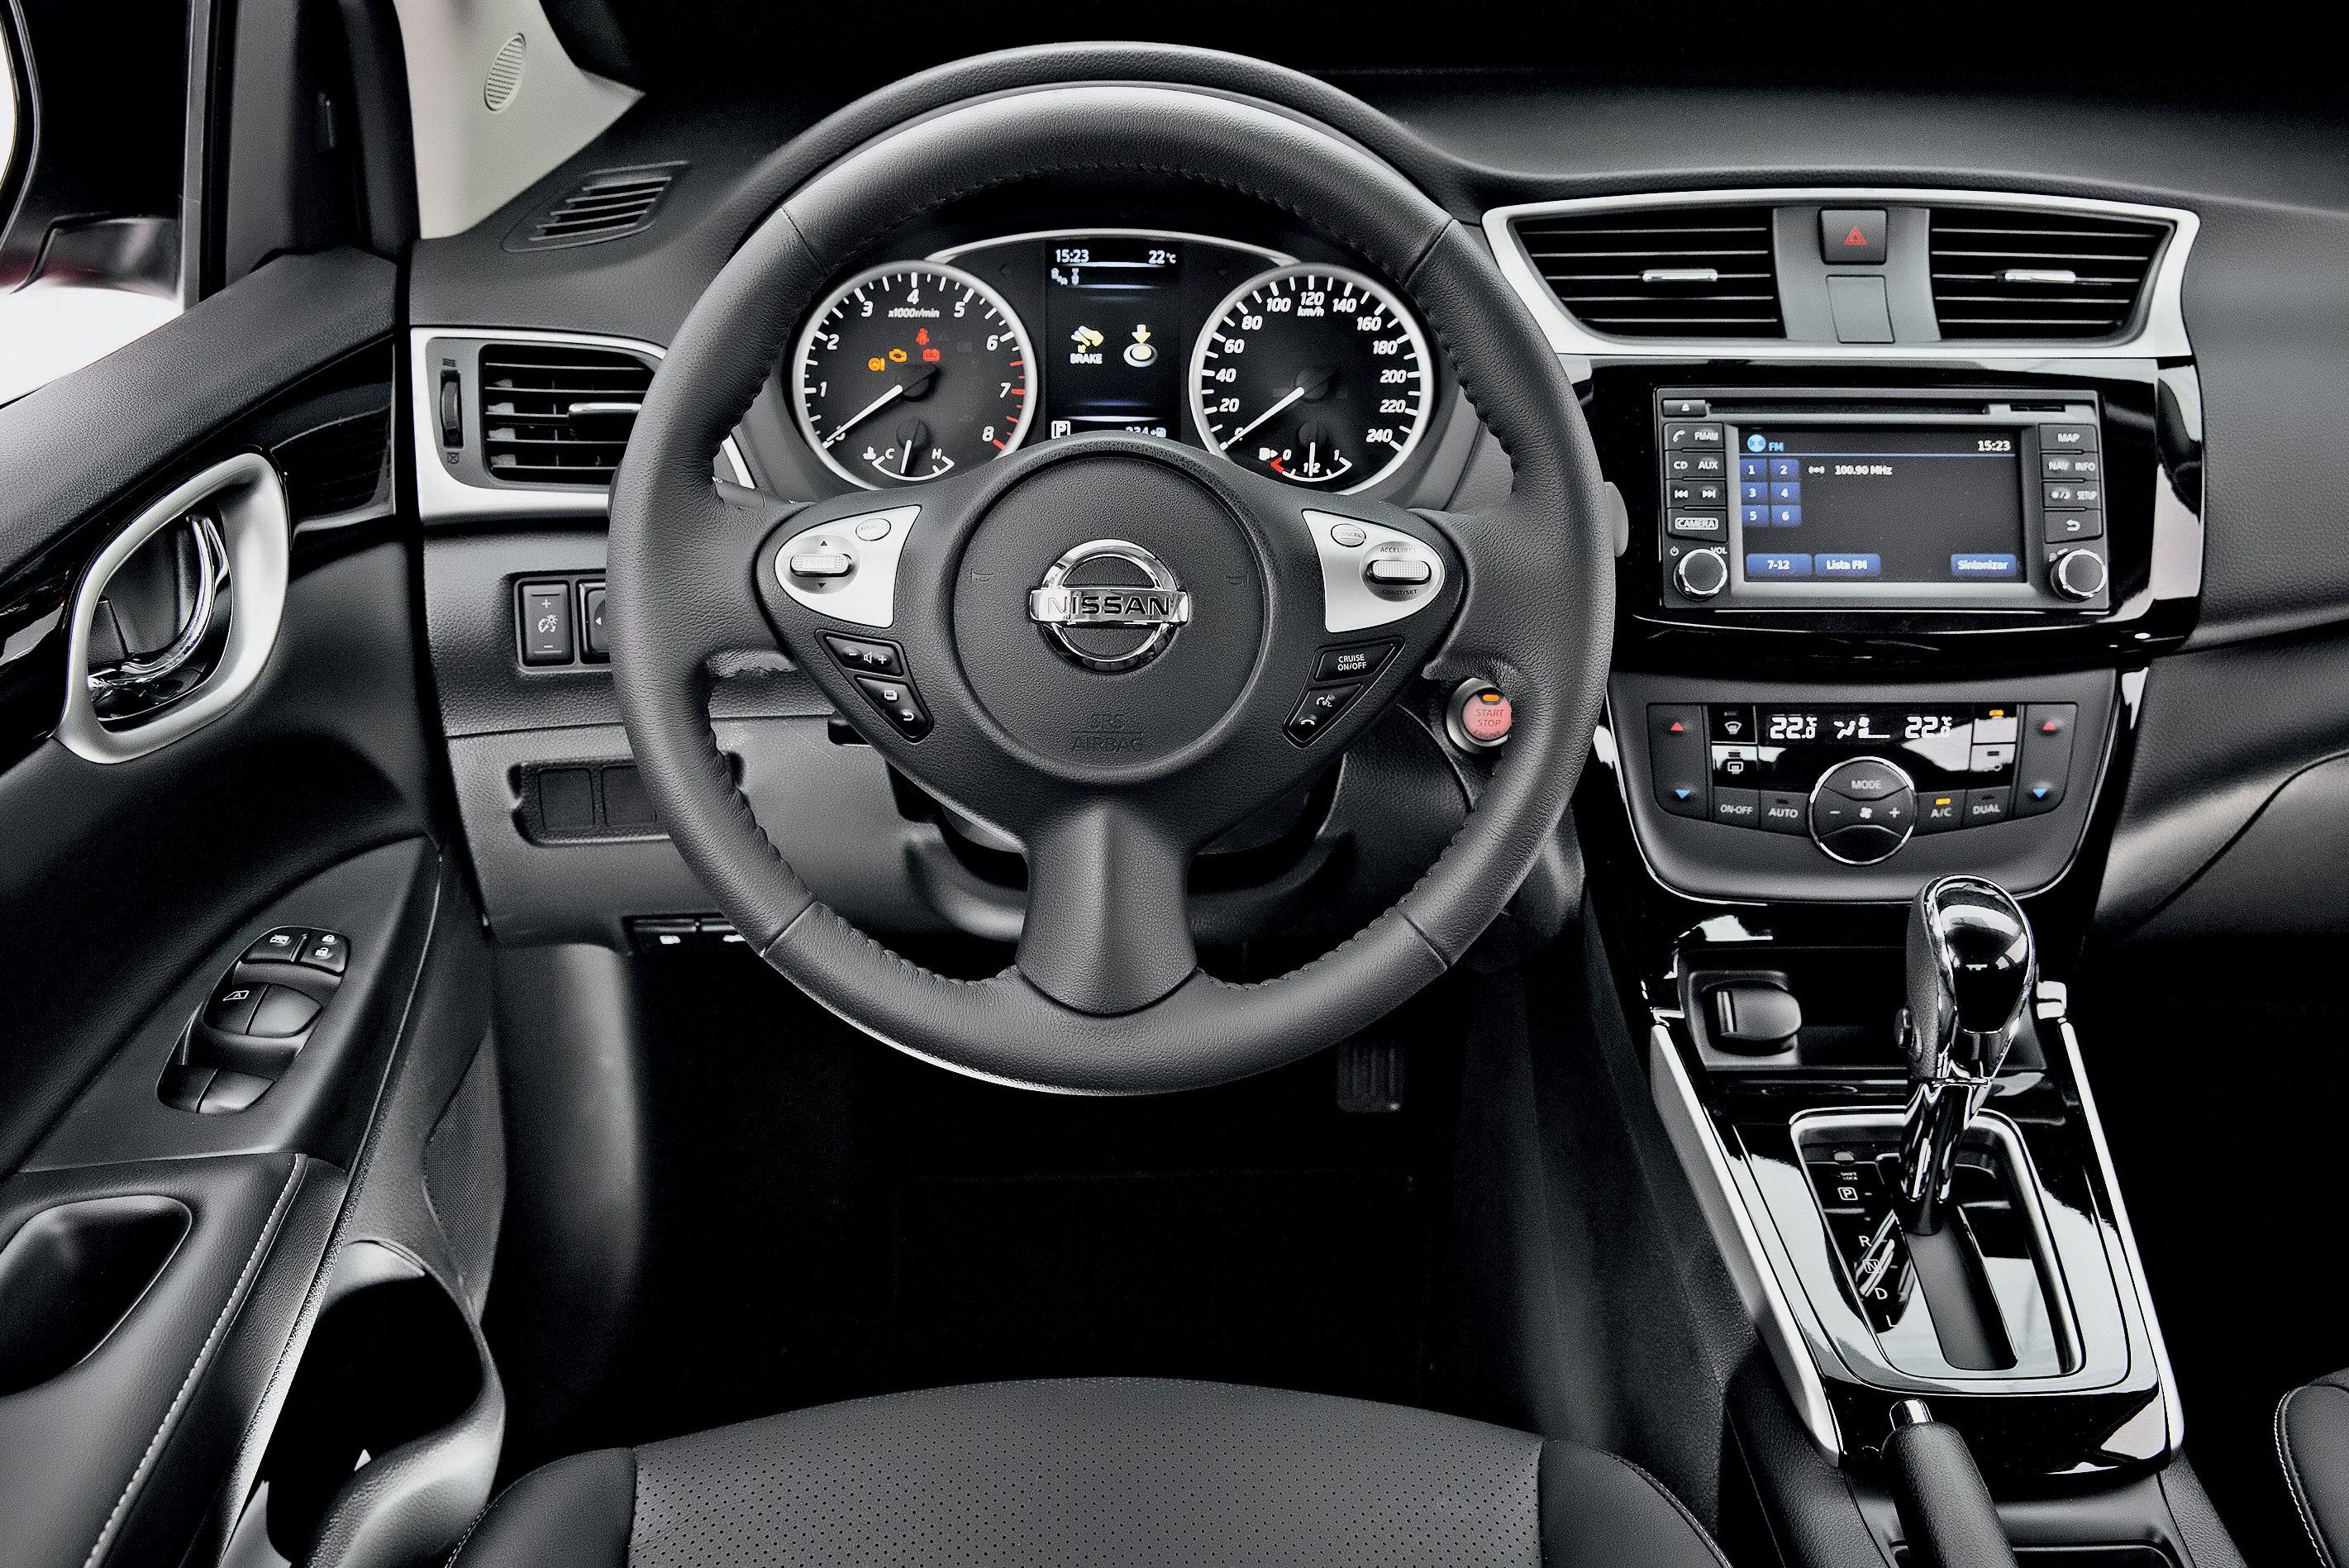 Guia De Usados Nissan Sentra E Seda Para Quem Compra Carro Por Metro Quatro Rodas